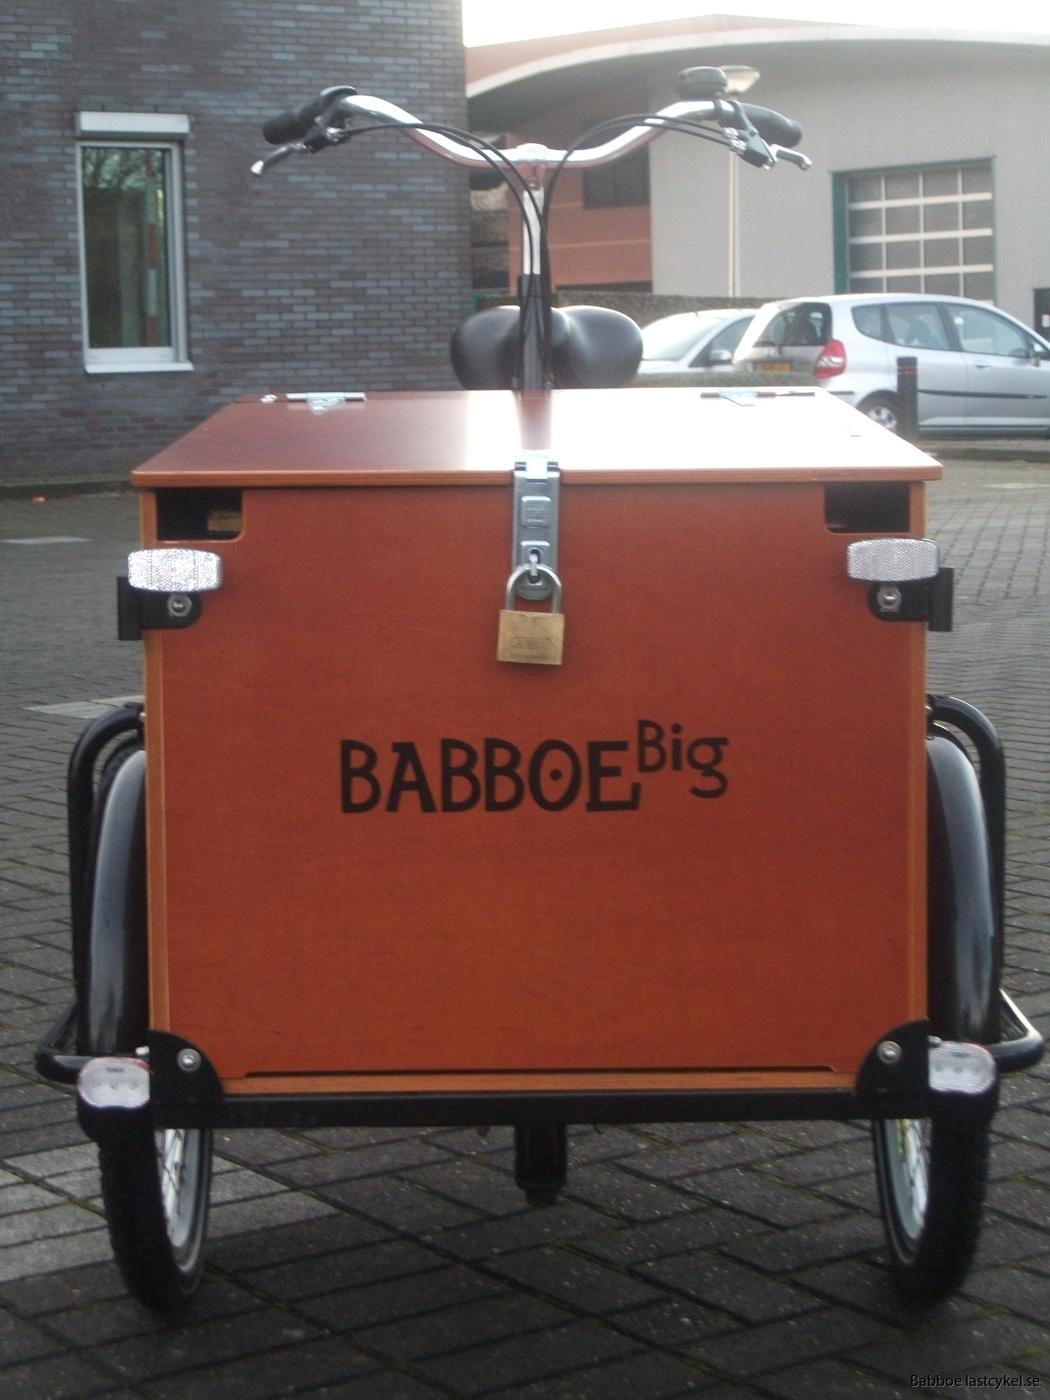 Babboe transporter e låda